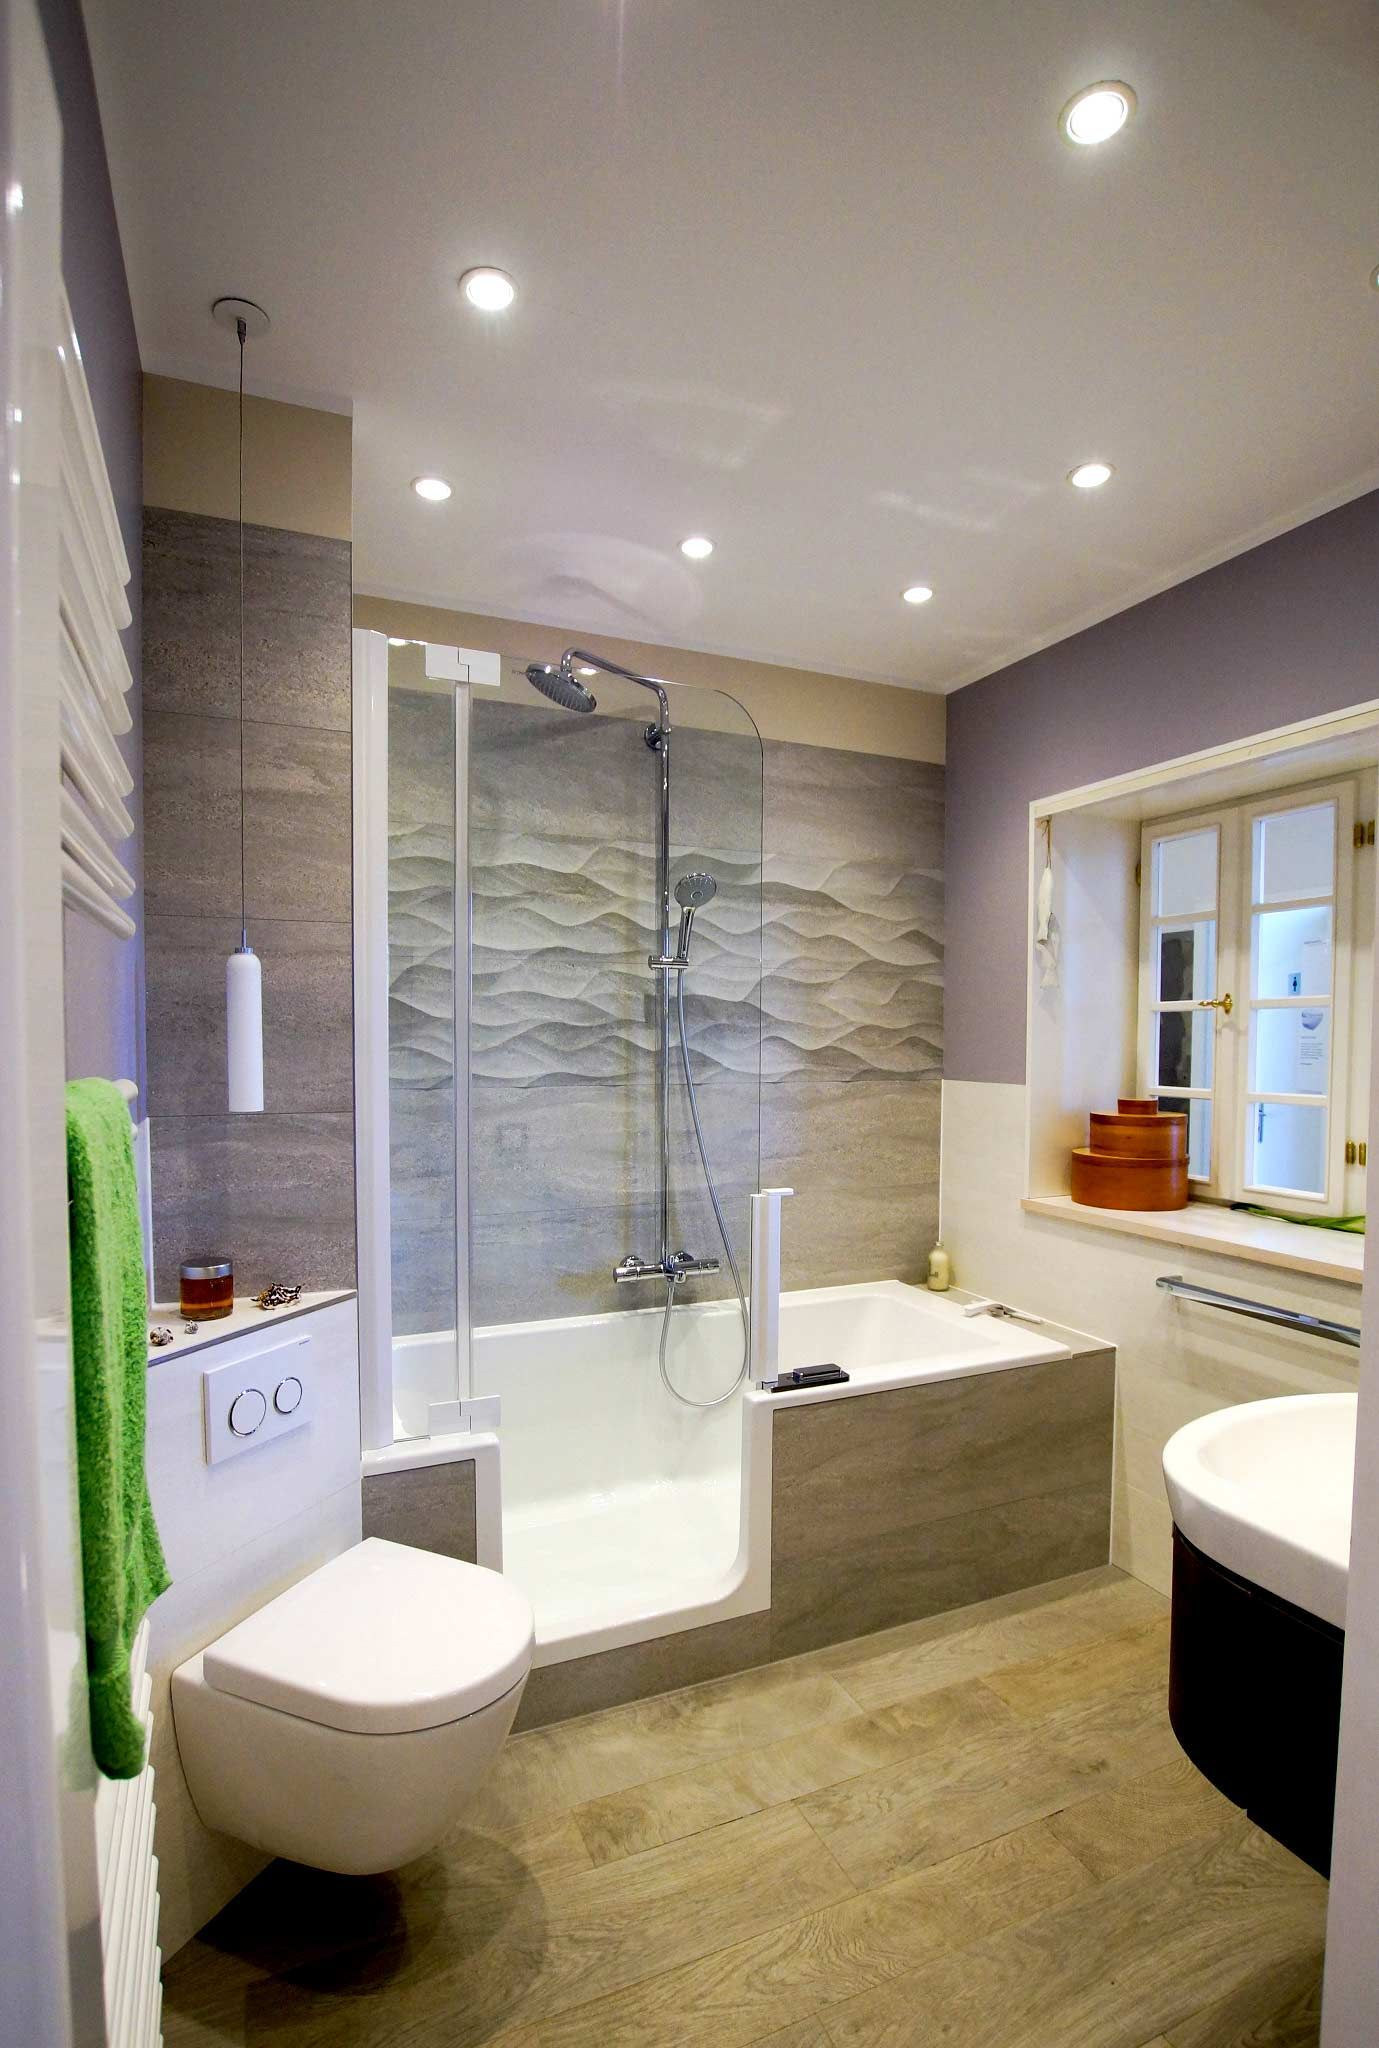 Photo of Badewanne mit Dusche ✭ Die Lösung für kleine Bäder ➷ #wien